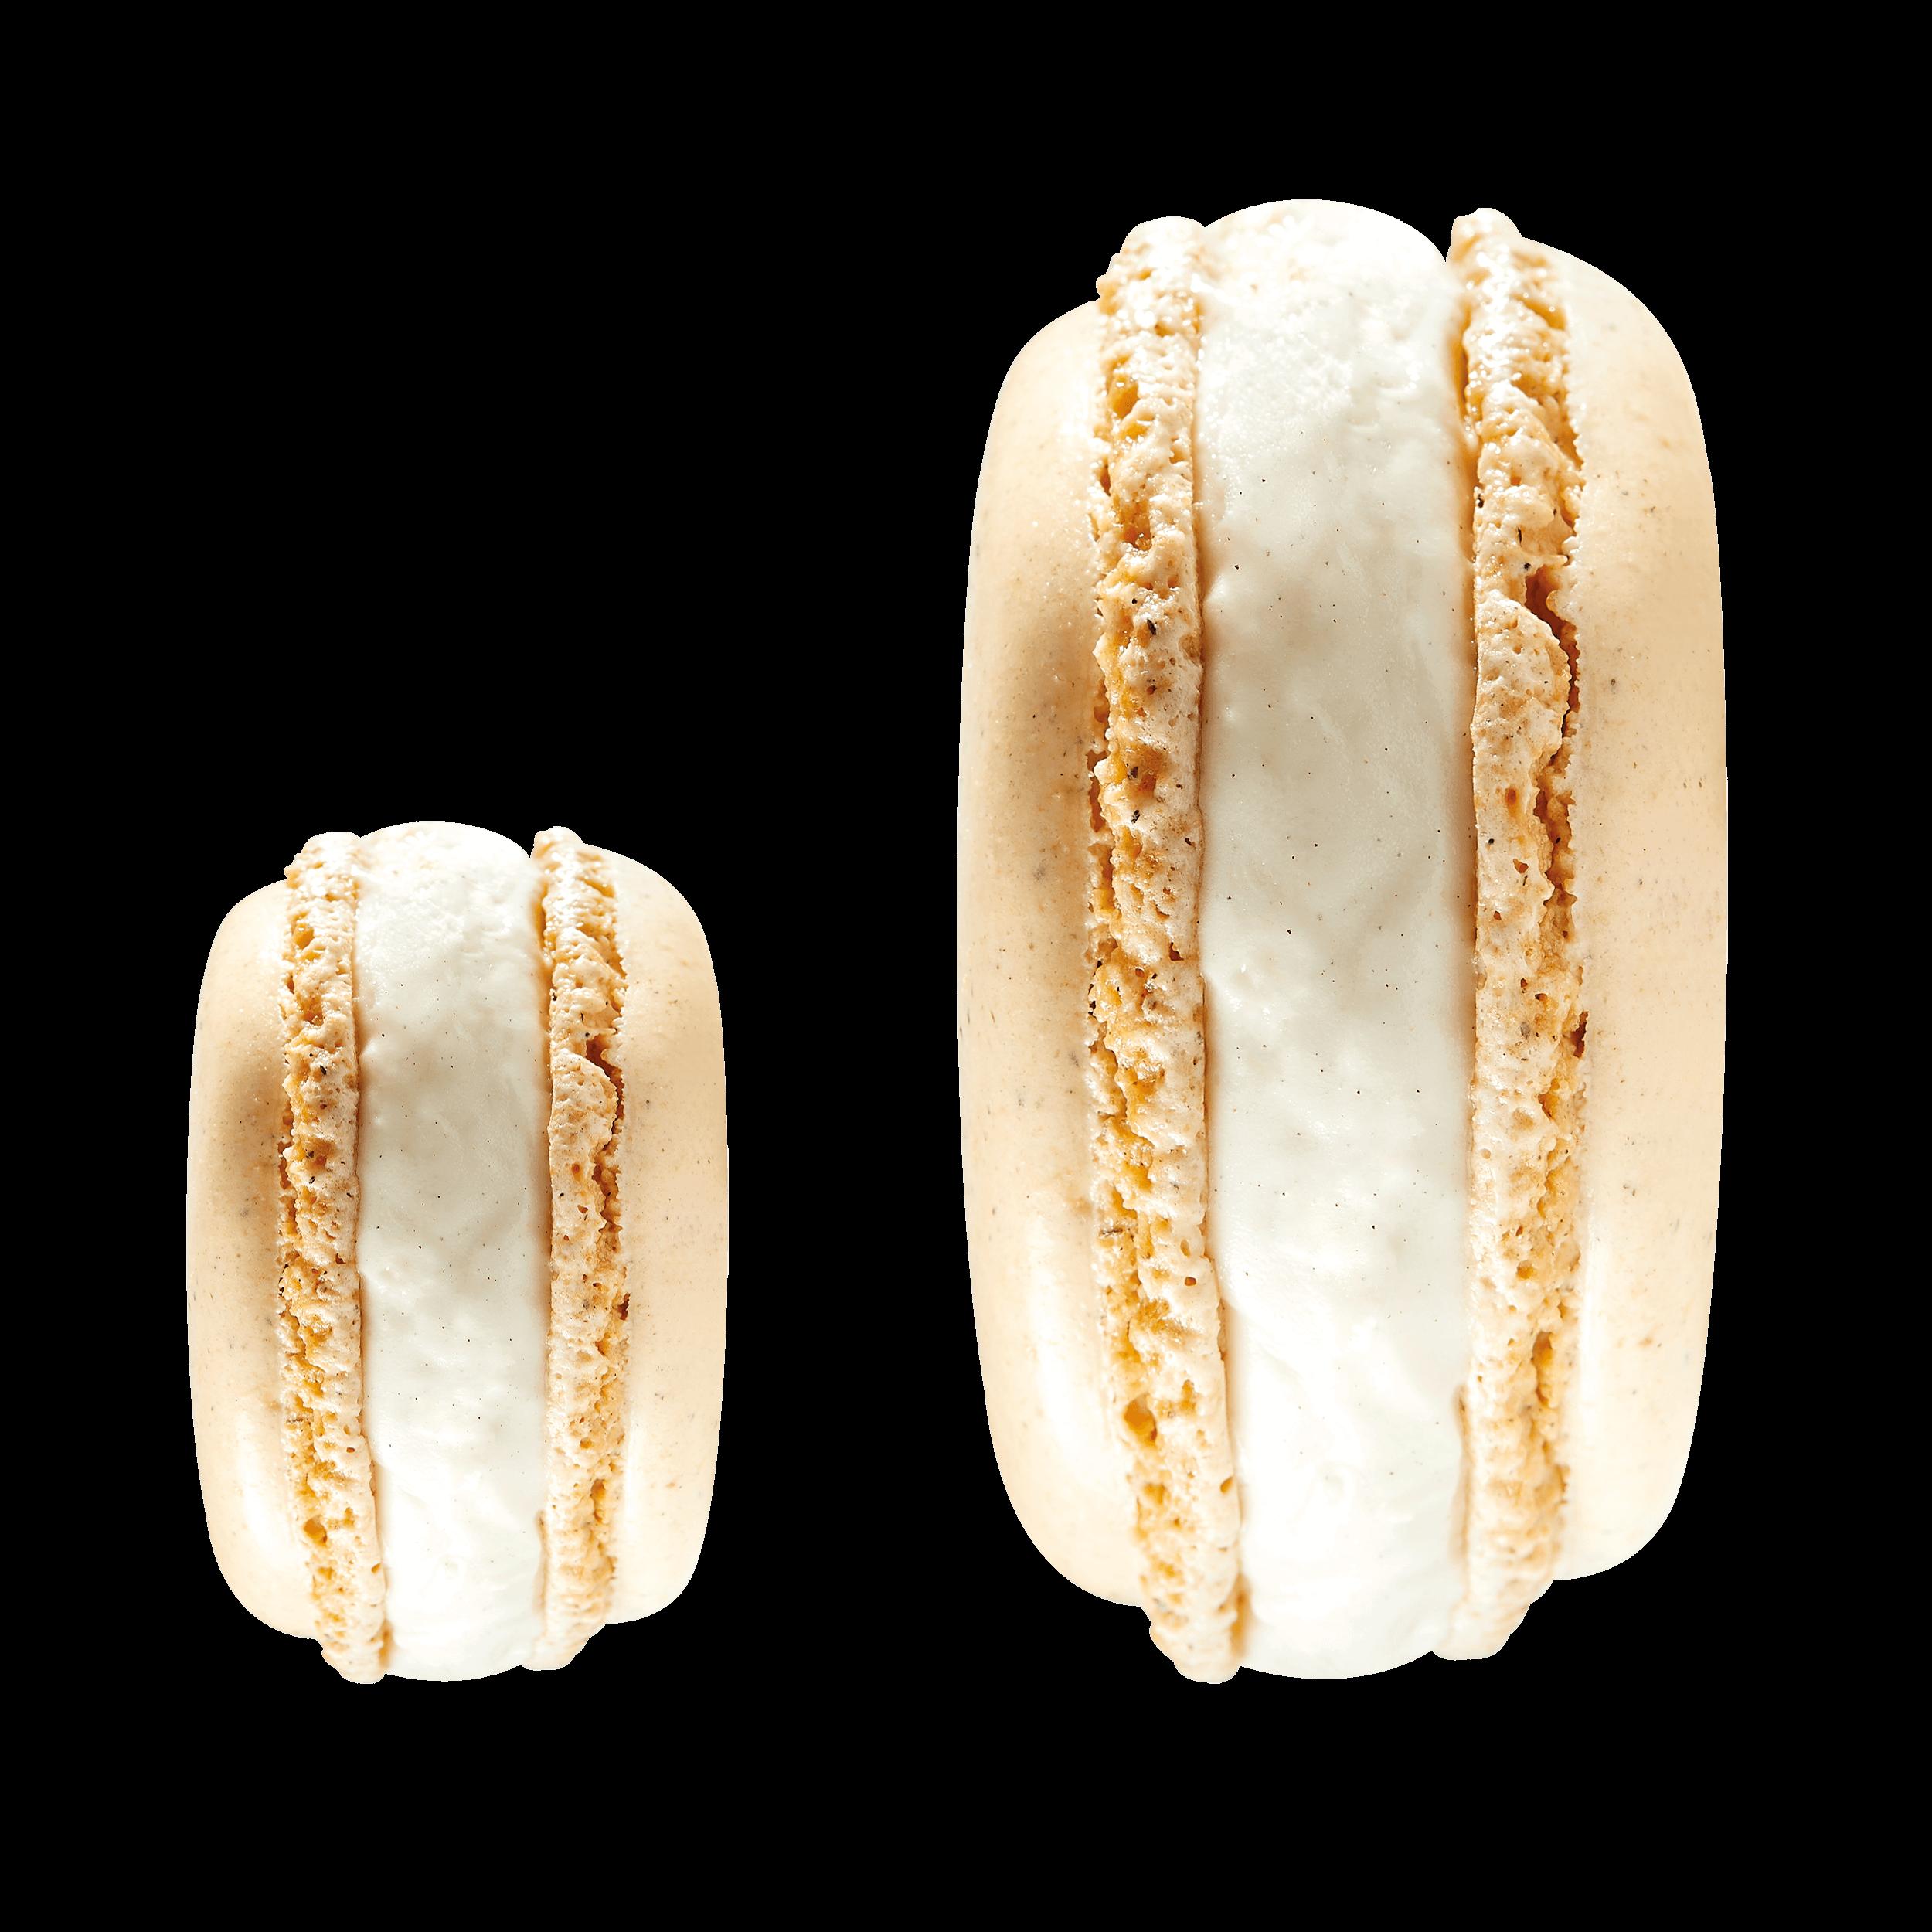 macaron_vanille